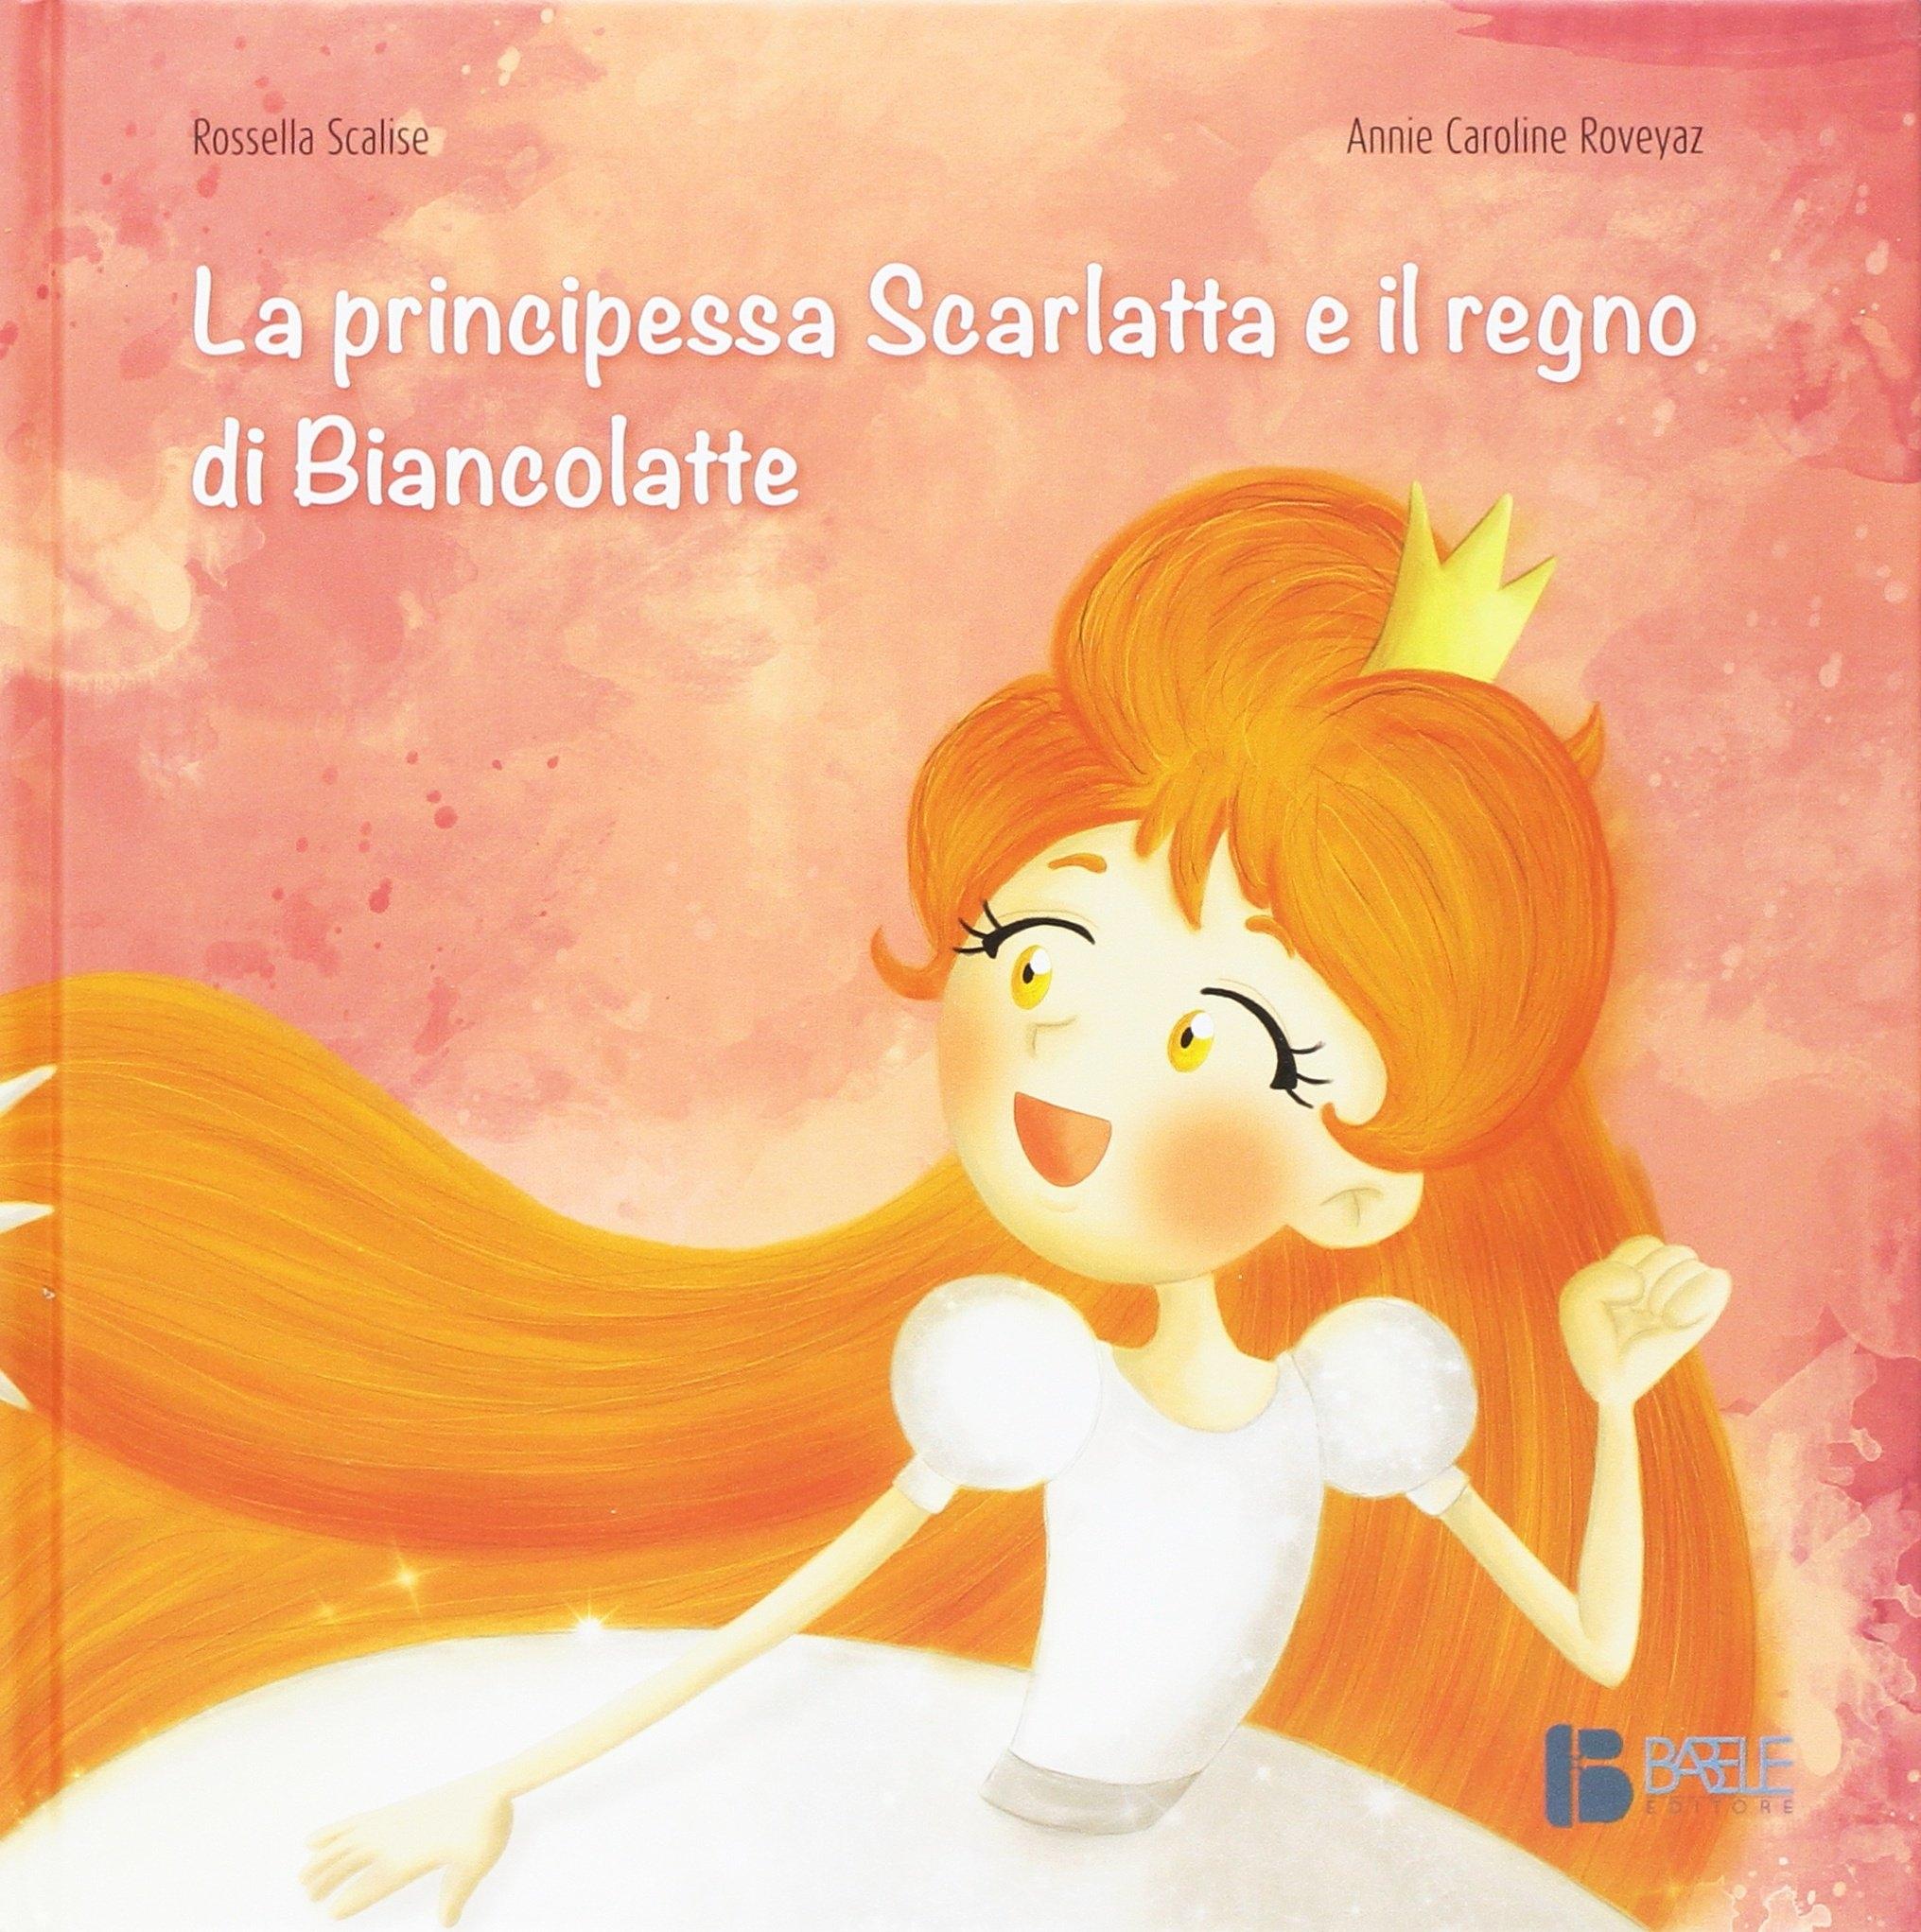 La principessa Scarlatta e il regno di Biancolatte.